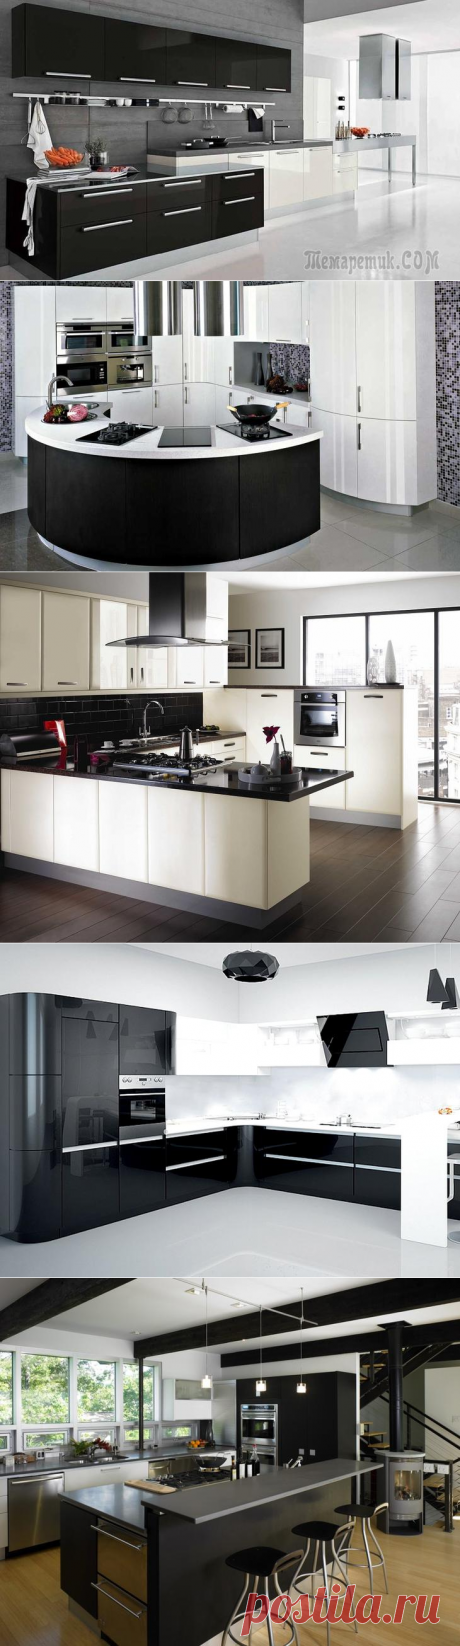 20 черно-белых кухонь в стиле хай-тек